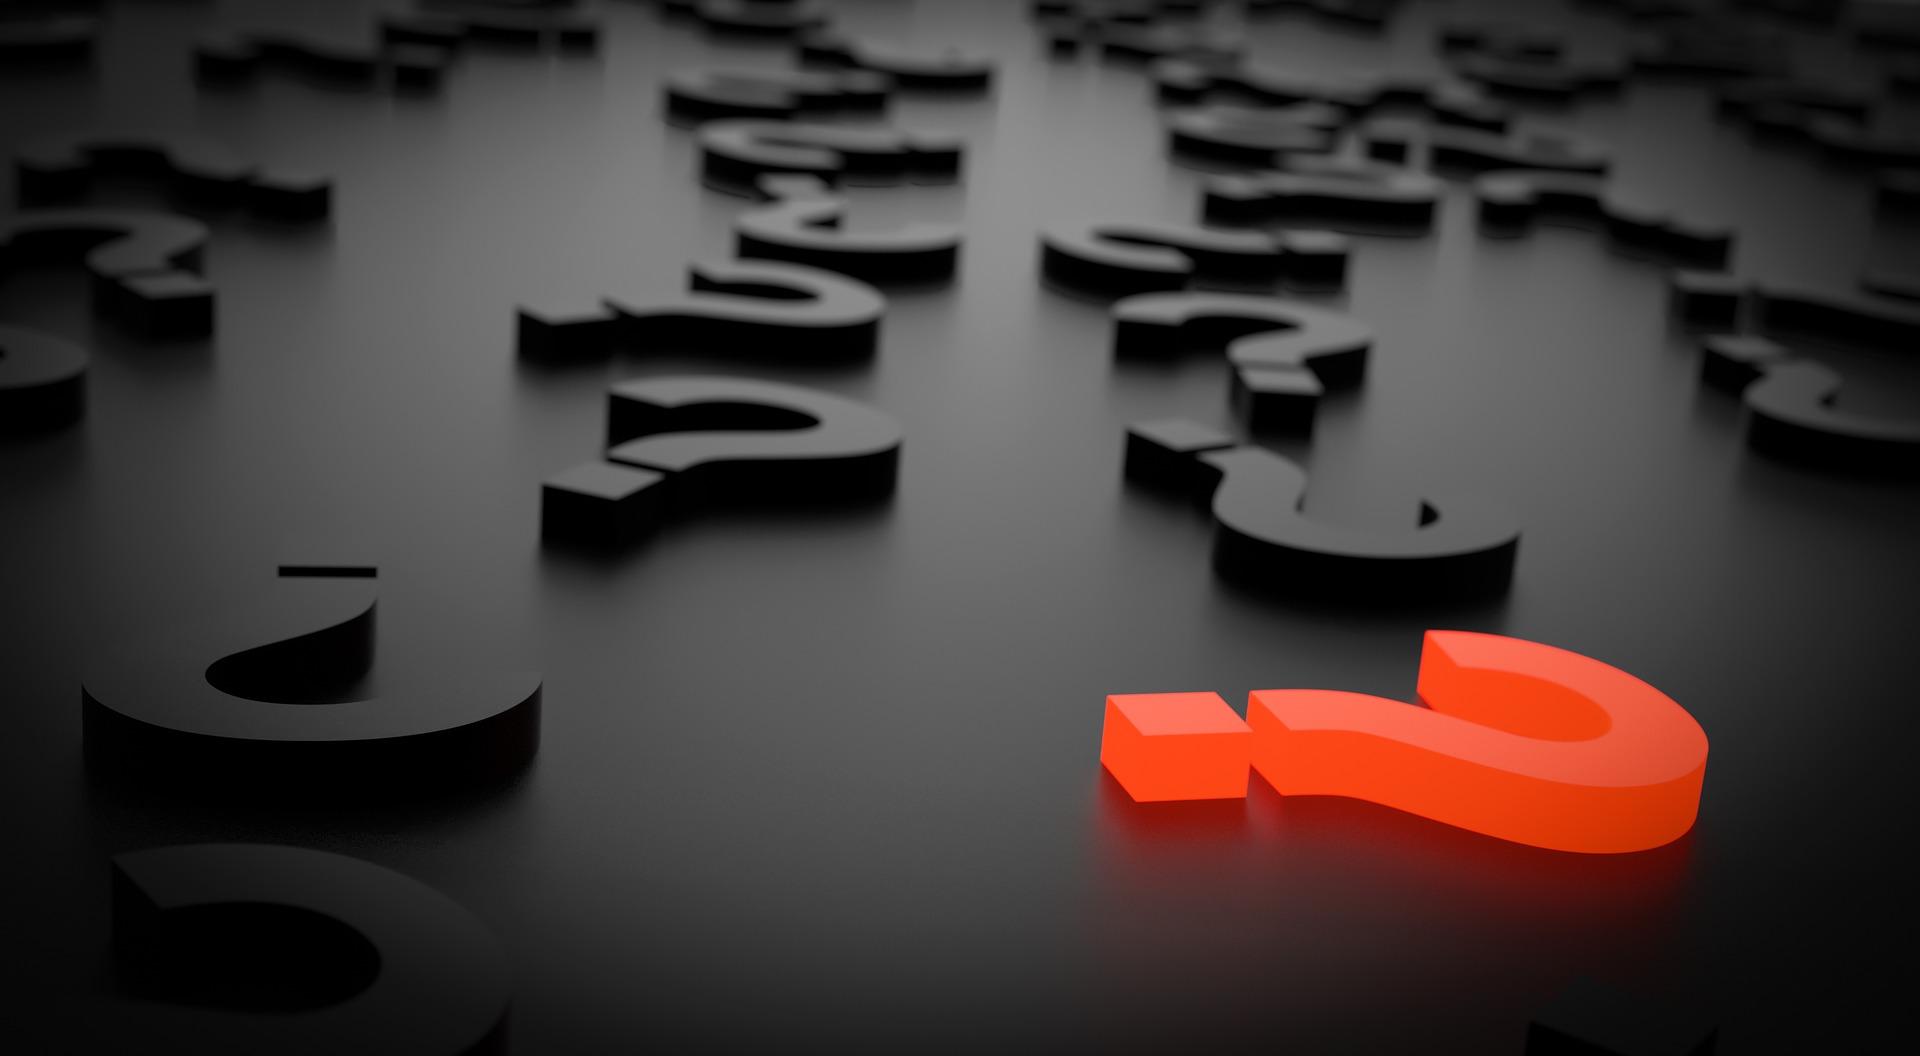 סימני שאלה בנוגע לתלונות שווא שנענים בכתבה